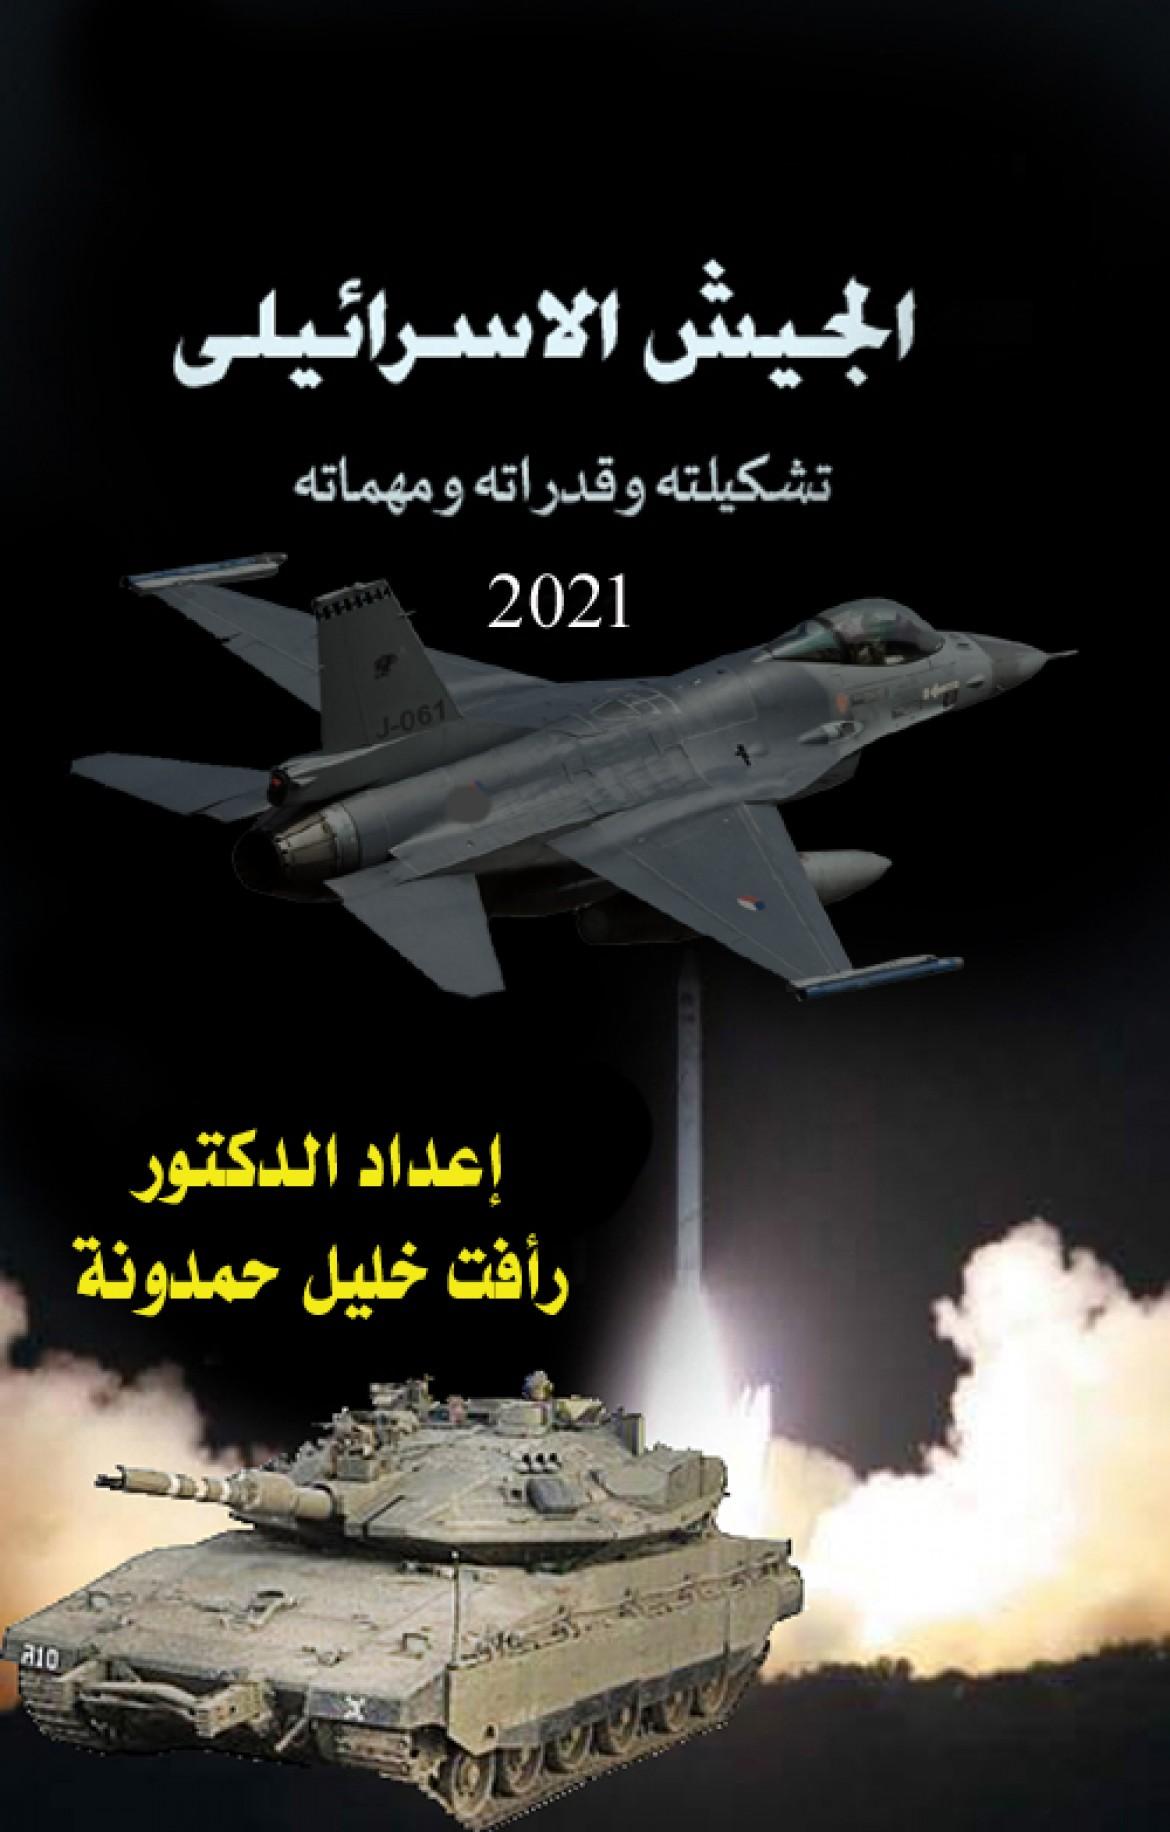 غلاف الجيش 2021